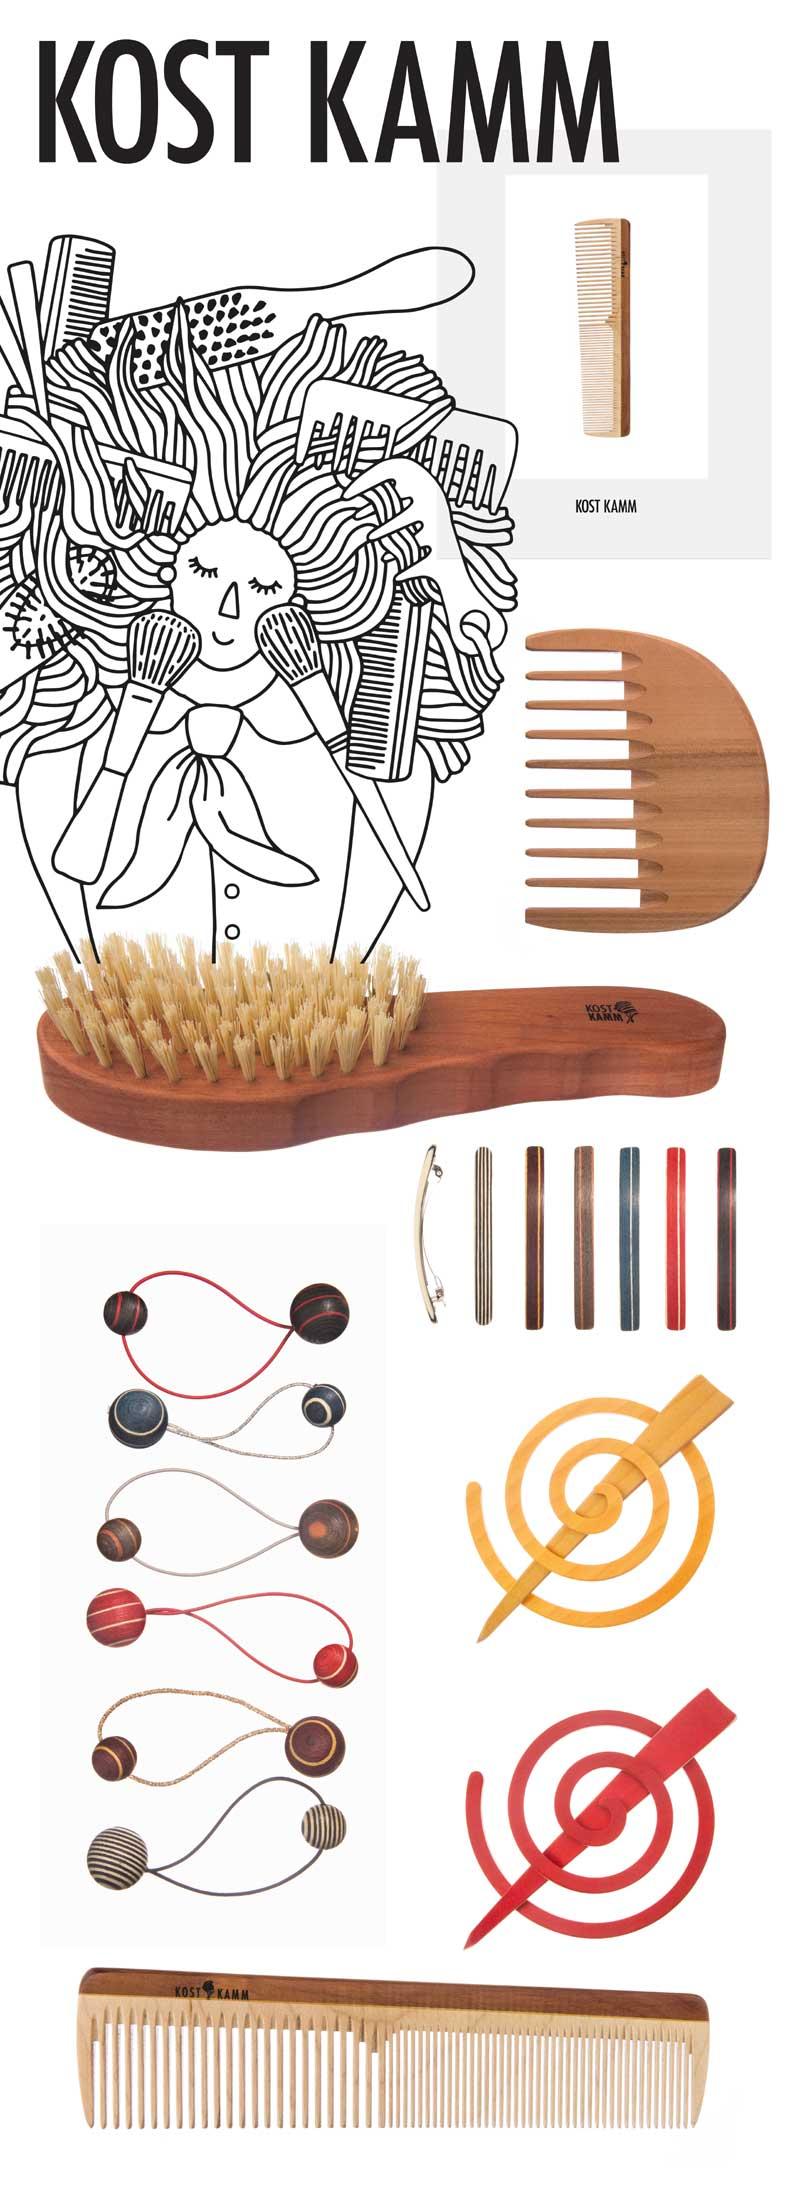 Der Erfahrungsschatz der alten Zunft der Kammmacher des Unternehmens der Familie Kost liegt in der familiären Vorgeschichte begründet. Die Liebe zum Detail in Farb- und Formgebung findet man in Ihren Kämmen, Bürsten, Rasier- und Schmuckartikeln wieder. Der respektvolle Umgang mit der Natur bilden die Grundlage Ihrer Firmenphilosophie. Deshalb freuen wir uns Ihnen ab sofort eine Auswahl von Kostkamm-Produkten in unserem Salon Melissa Frings Naturfriseurin & Friseurmeisterin. Habsburgerallee 11, 52064 Aachen anbieten zu dürfen. Bei uns erhalten Sie KOSTKAMM Kämme, Bürsten, Rasier- und Schmuckartikel. www.naturfriseur-aachen.de